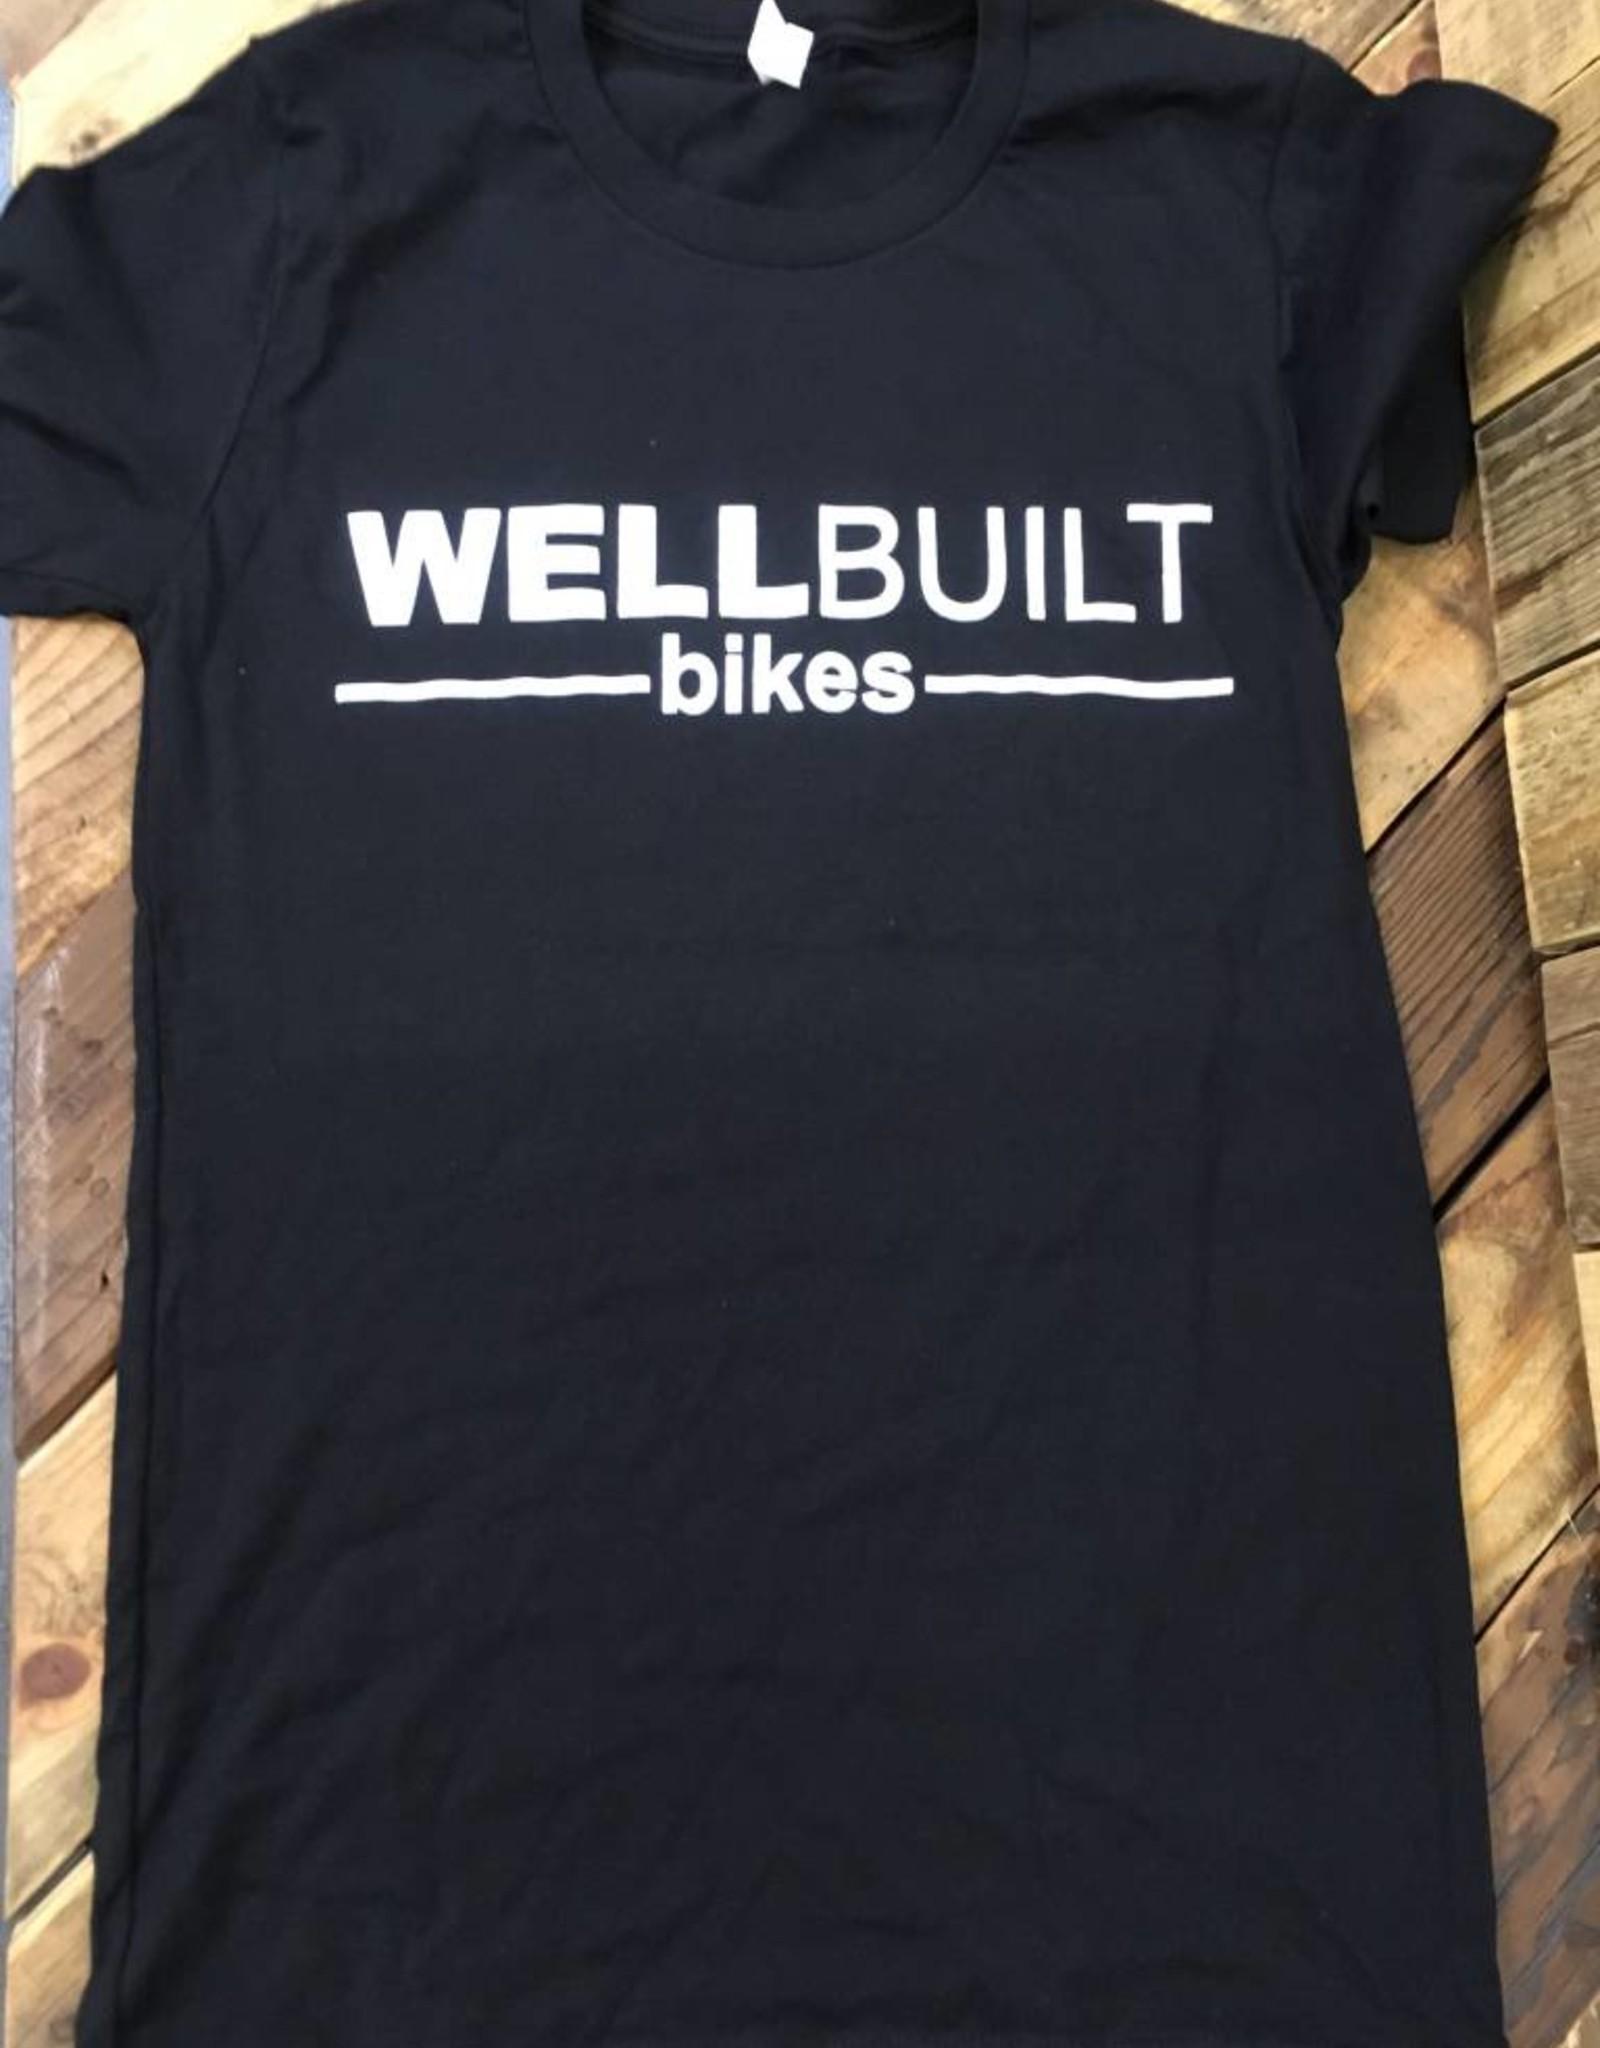 WellBuilt Bikes Well Built T-Shirts